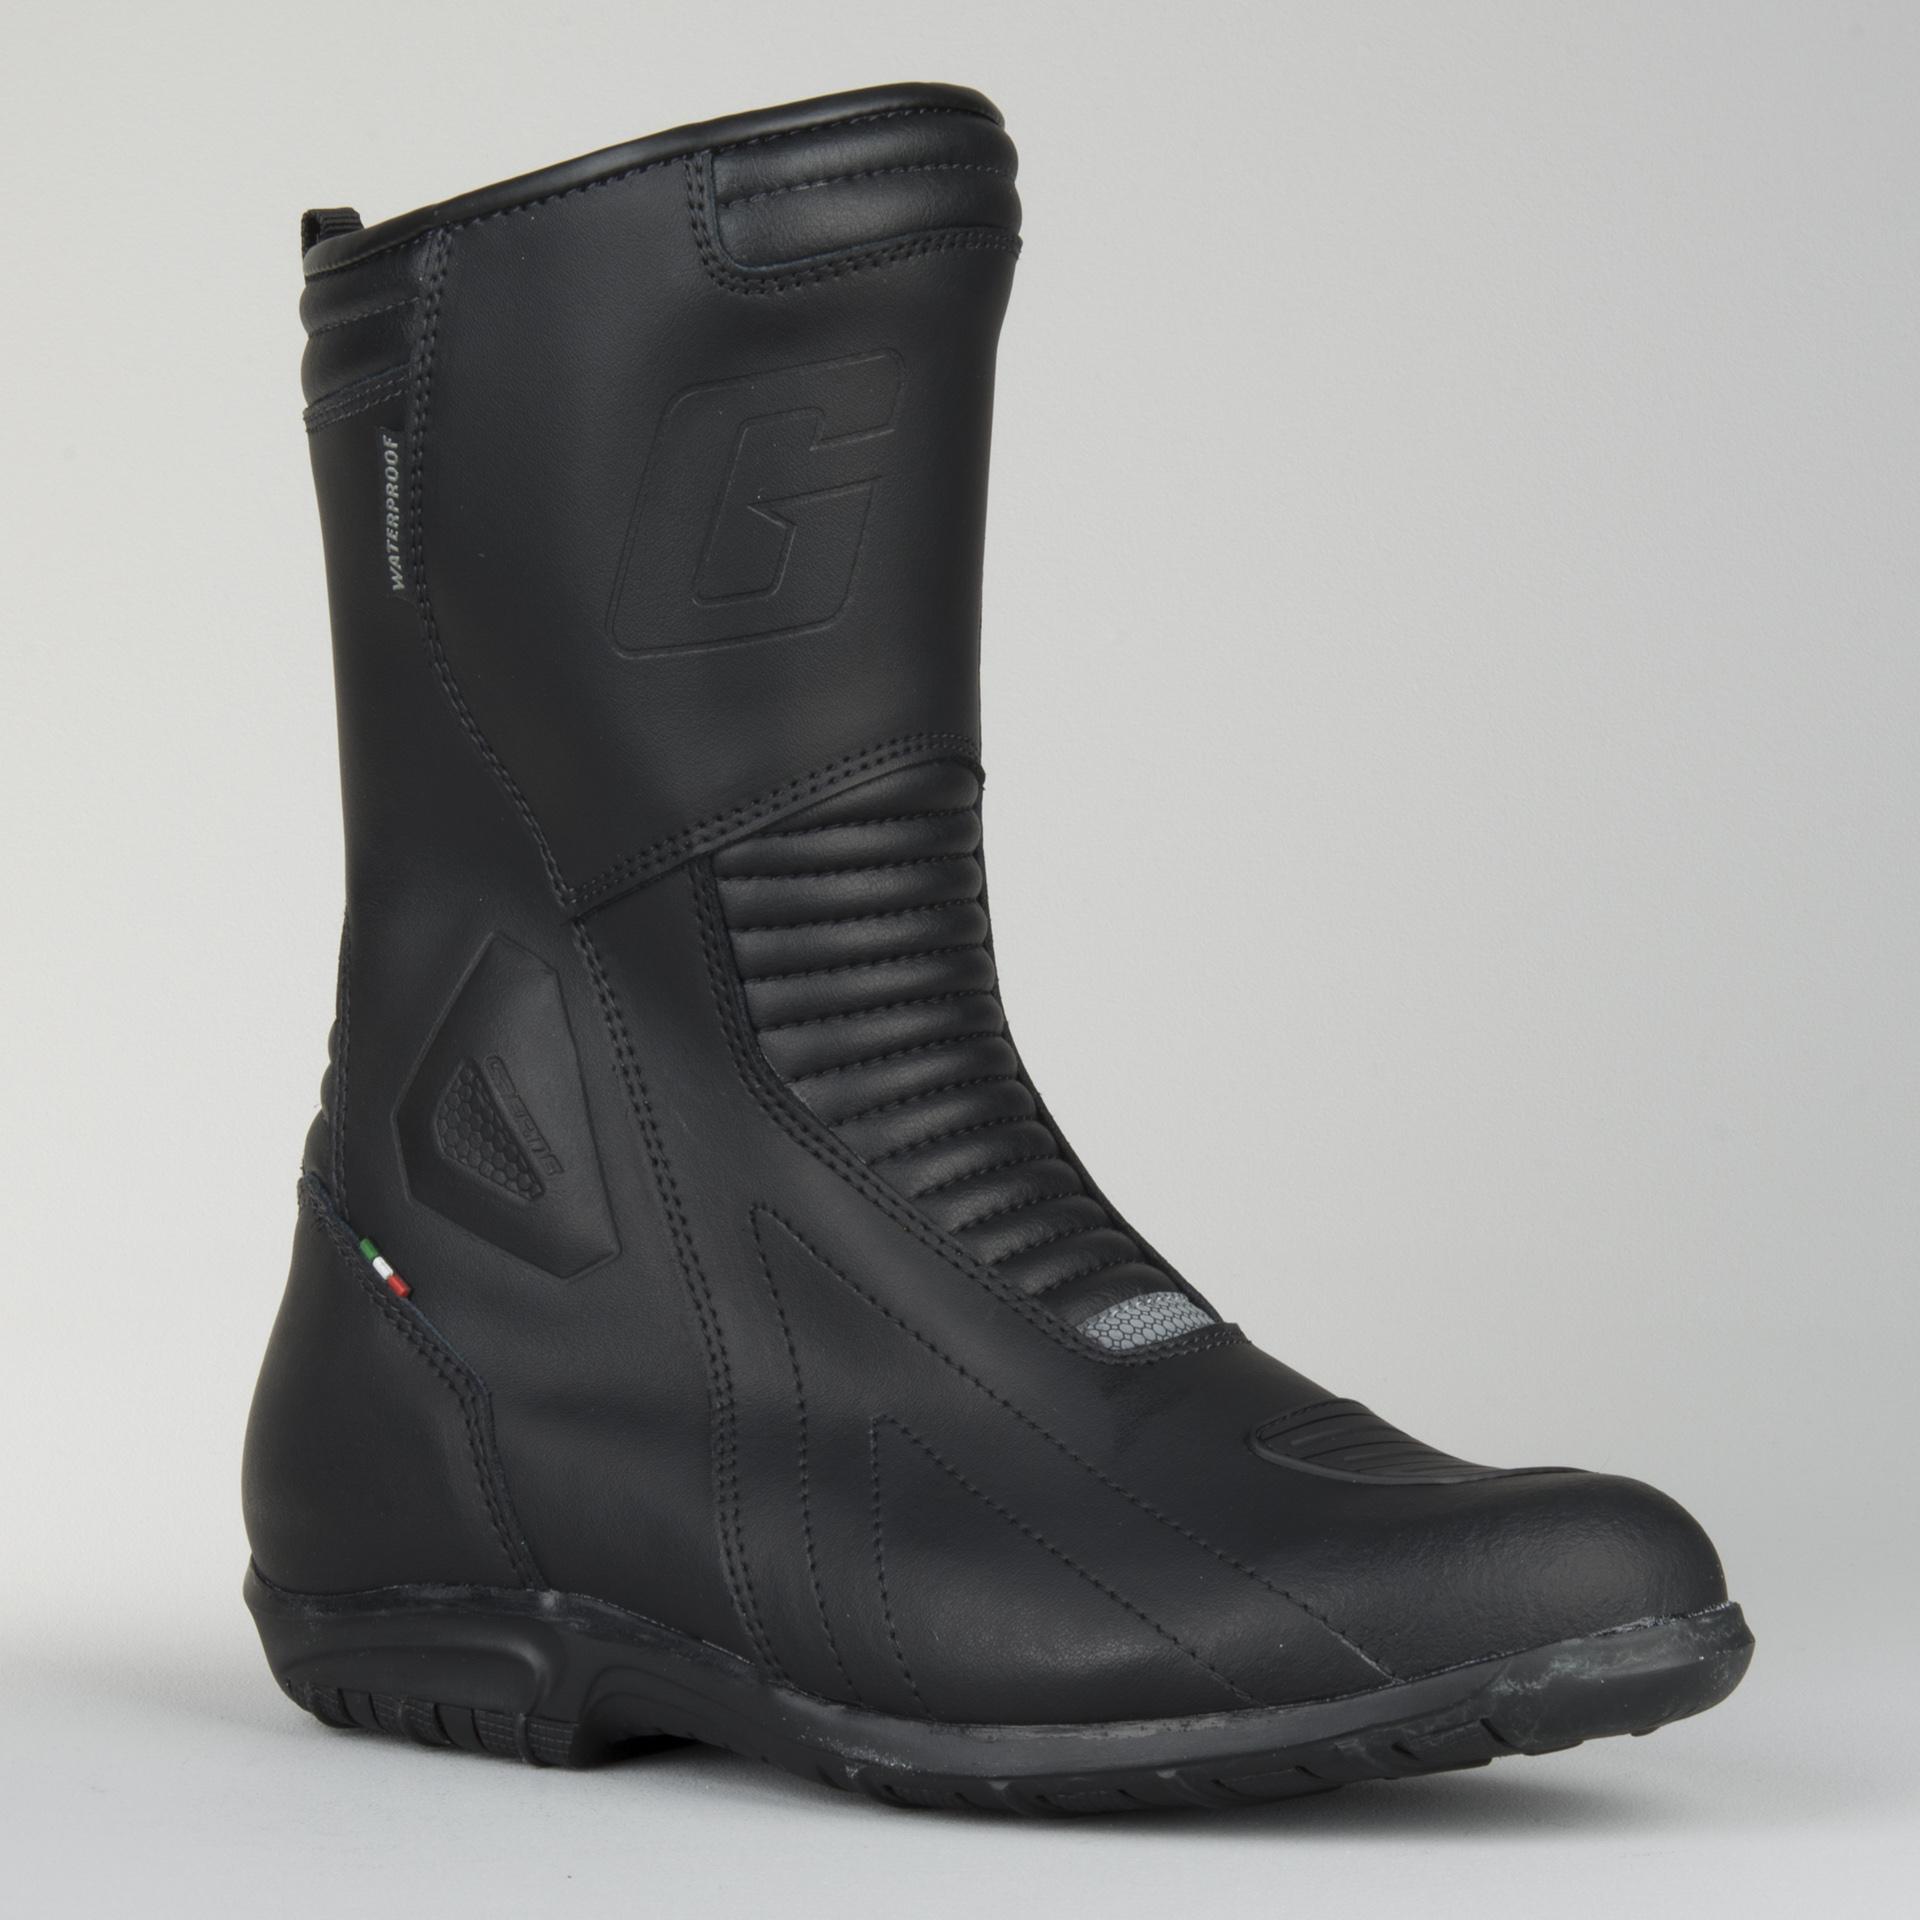 gaerne mc støvler